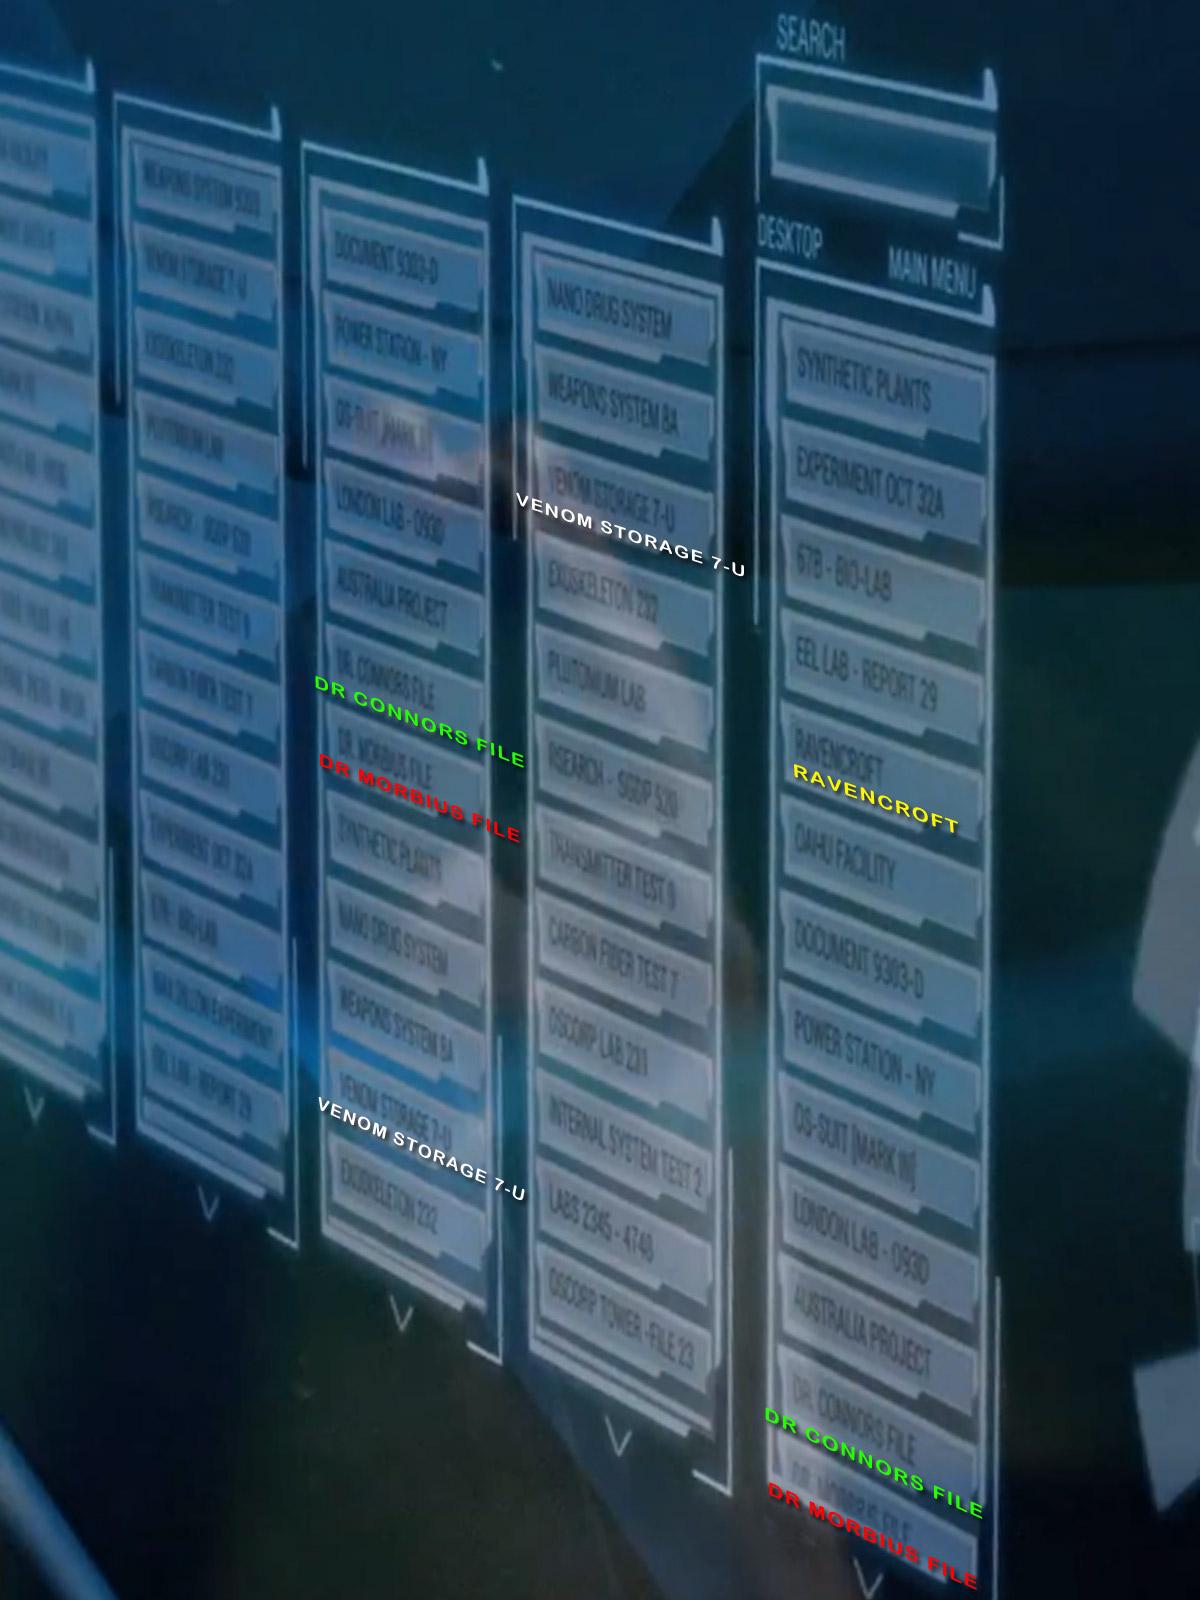 Amazing Spider-Man trailer (Venom, Dr Connors, Dr Morbius, Ravencroft)